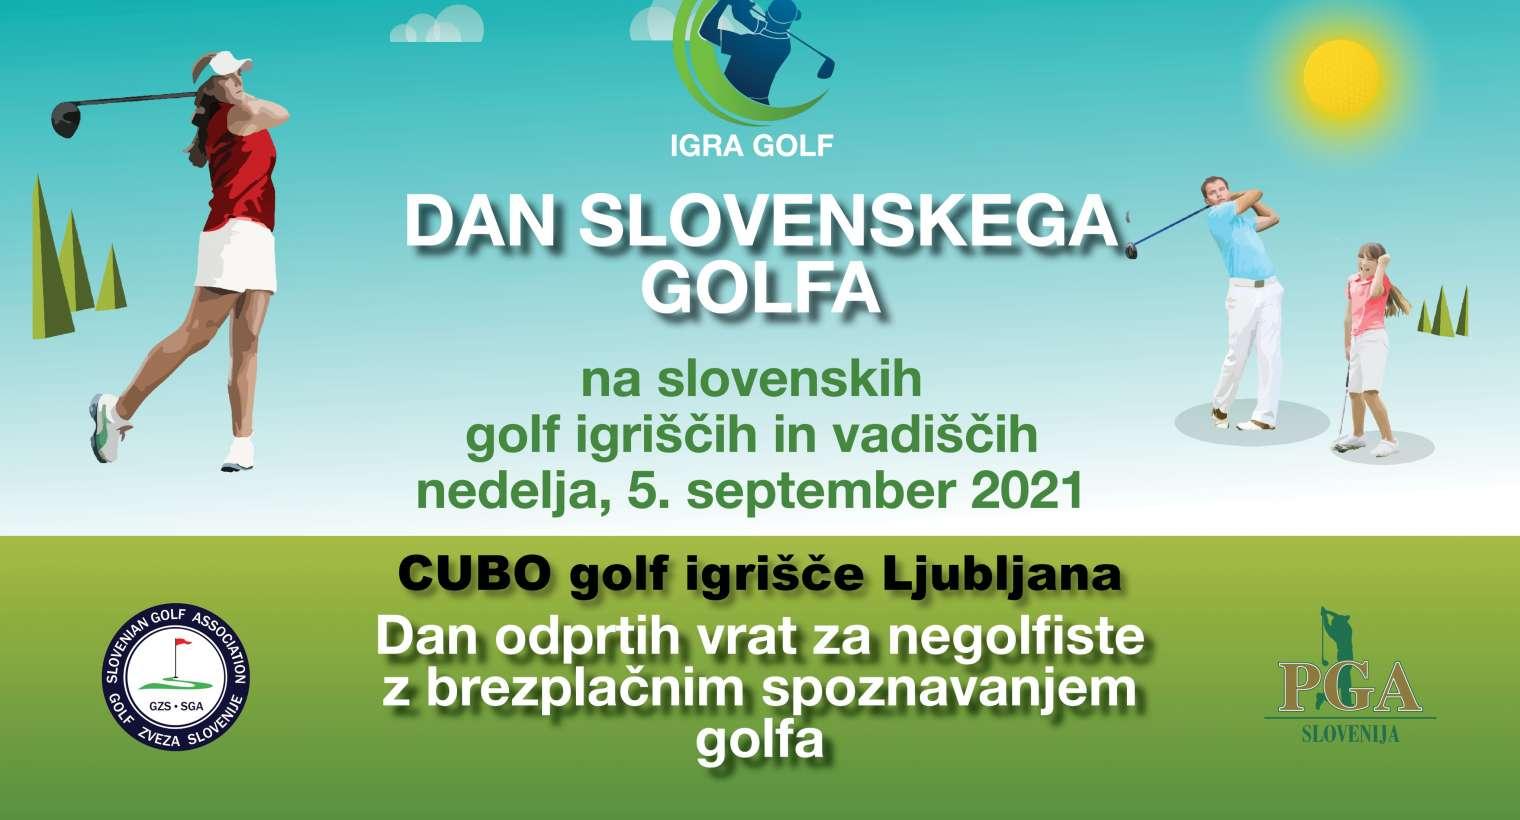 Dan slovenskega golfa 2021